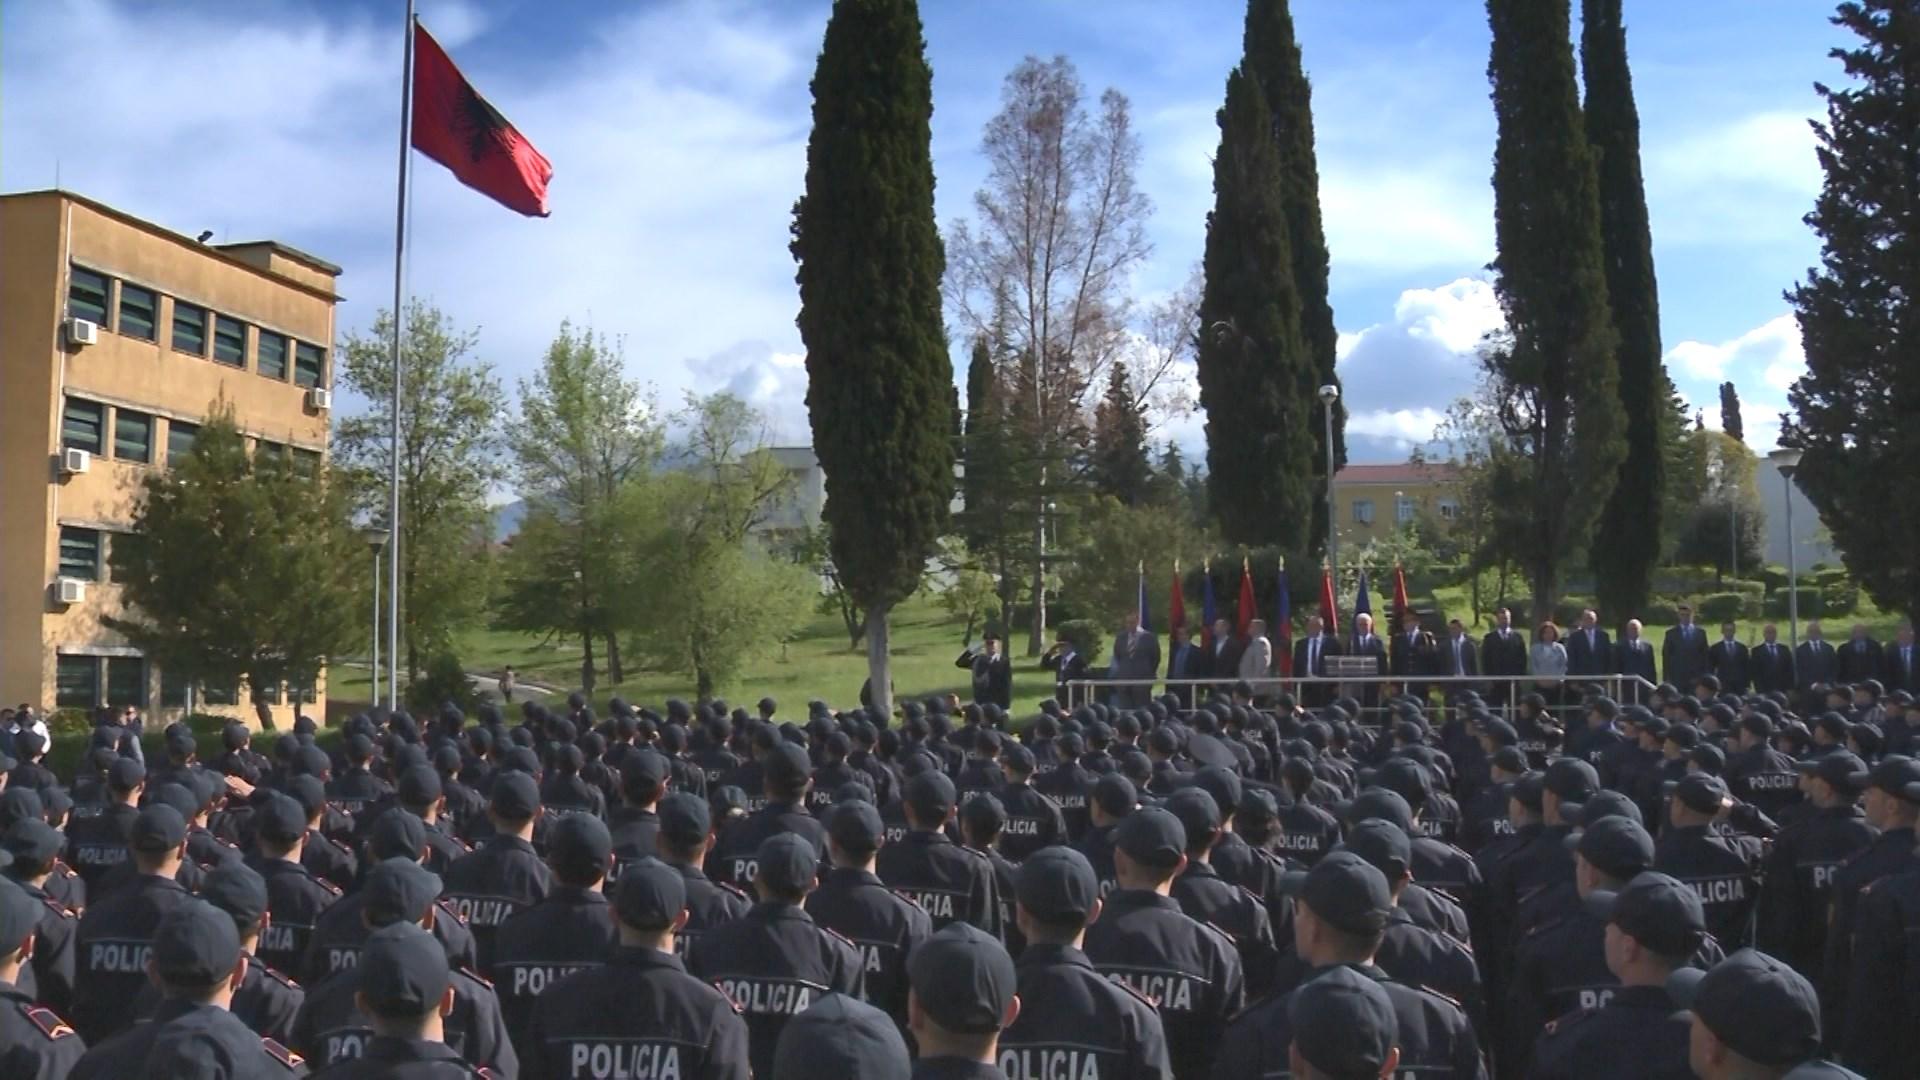 Vettingu në Polici/300 punonjës dorëzojnë formularët e vetëdeklarimit